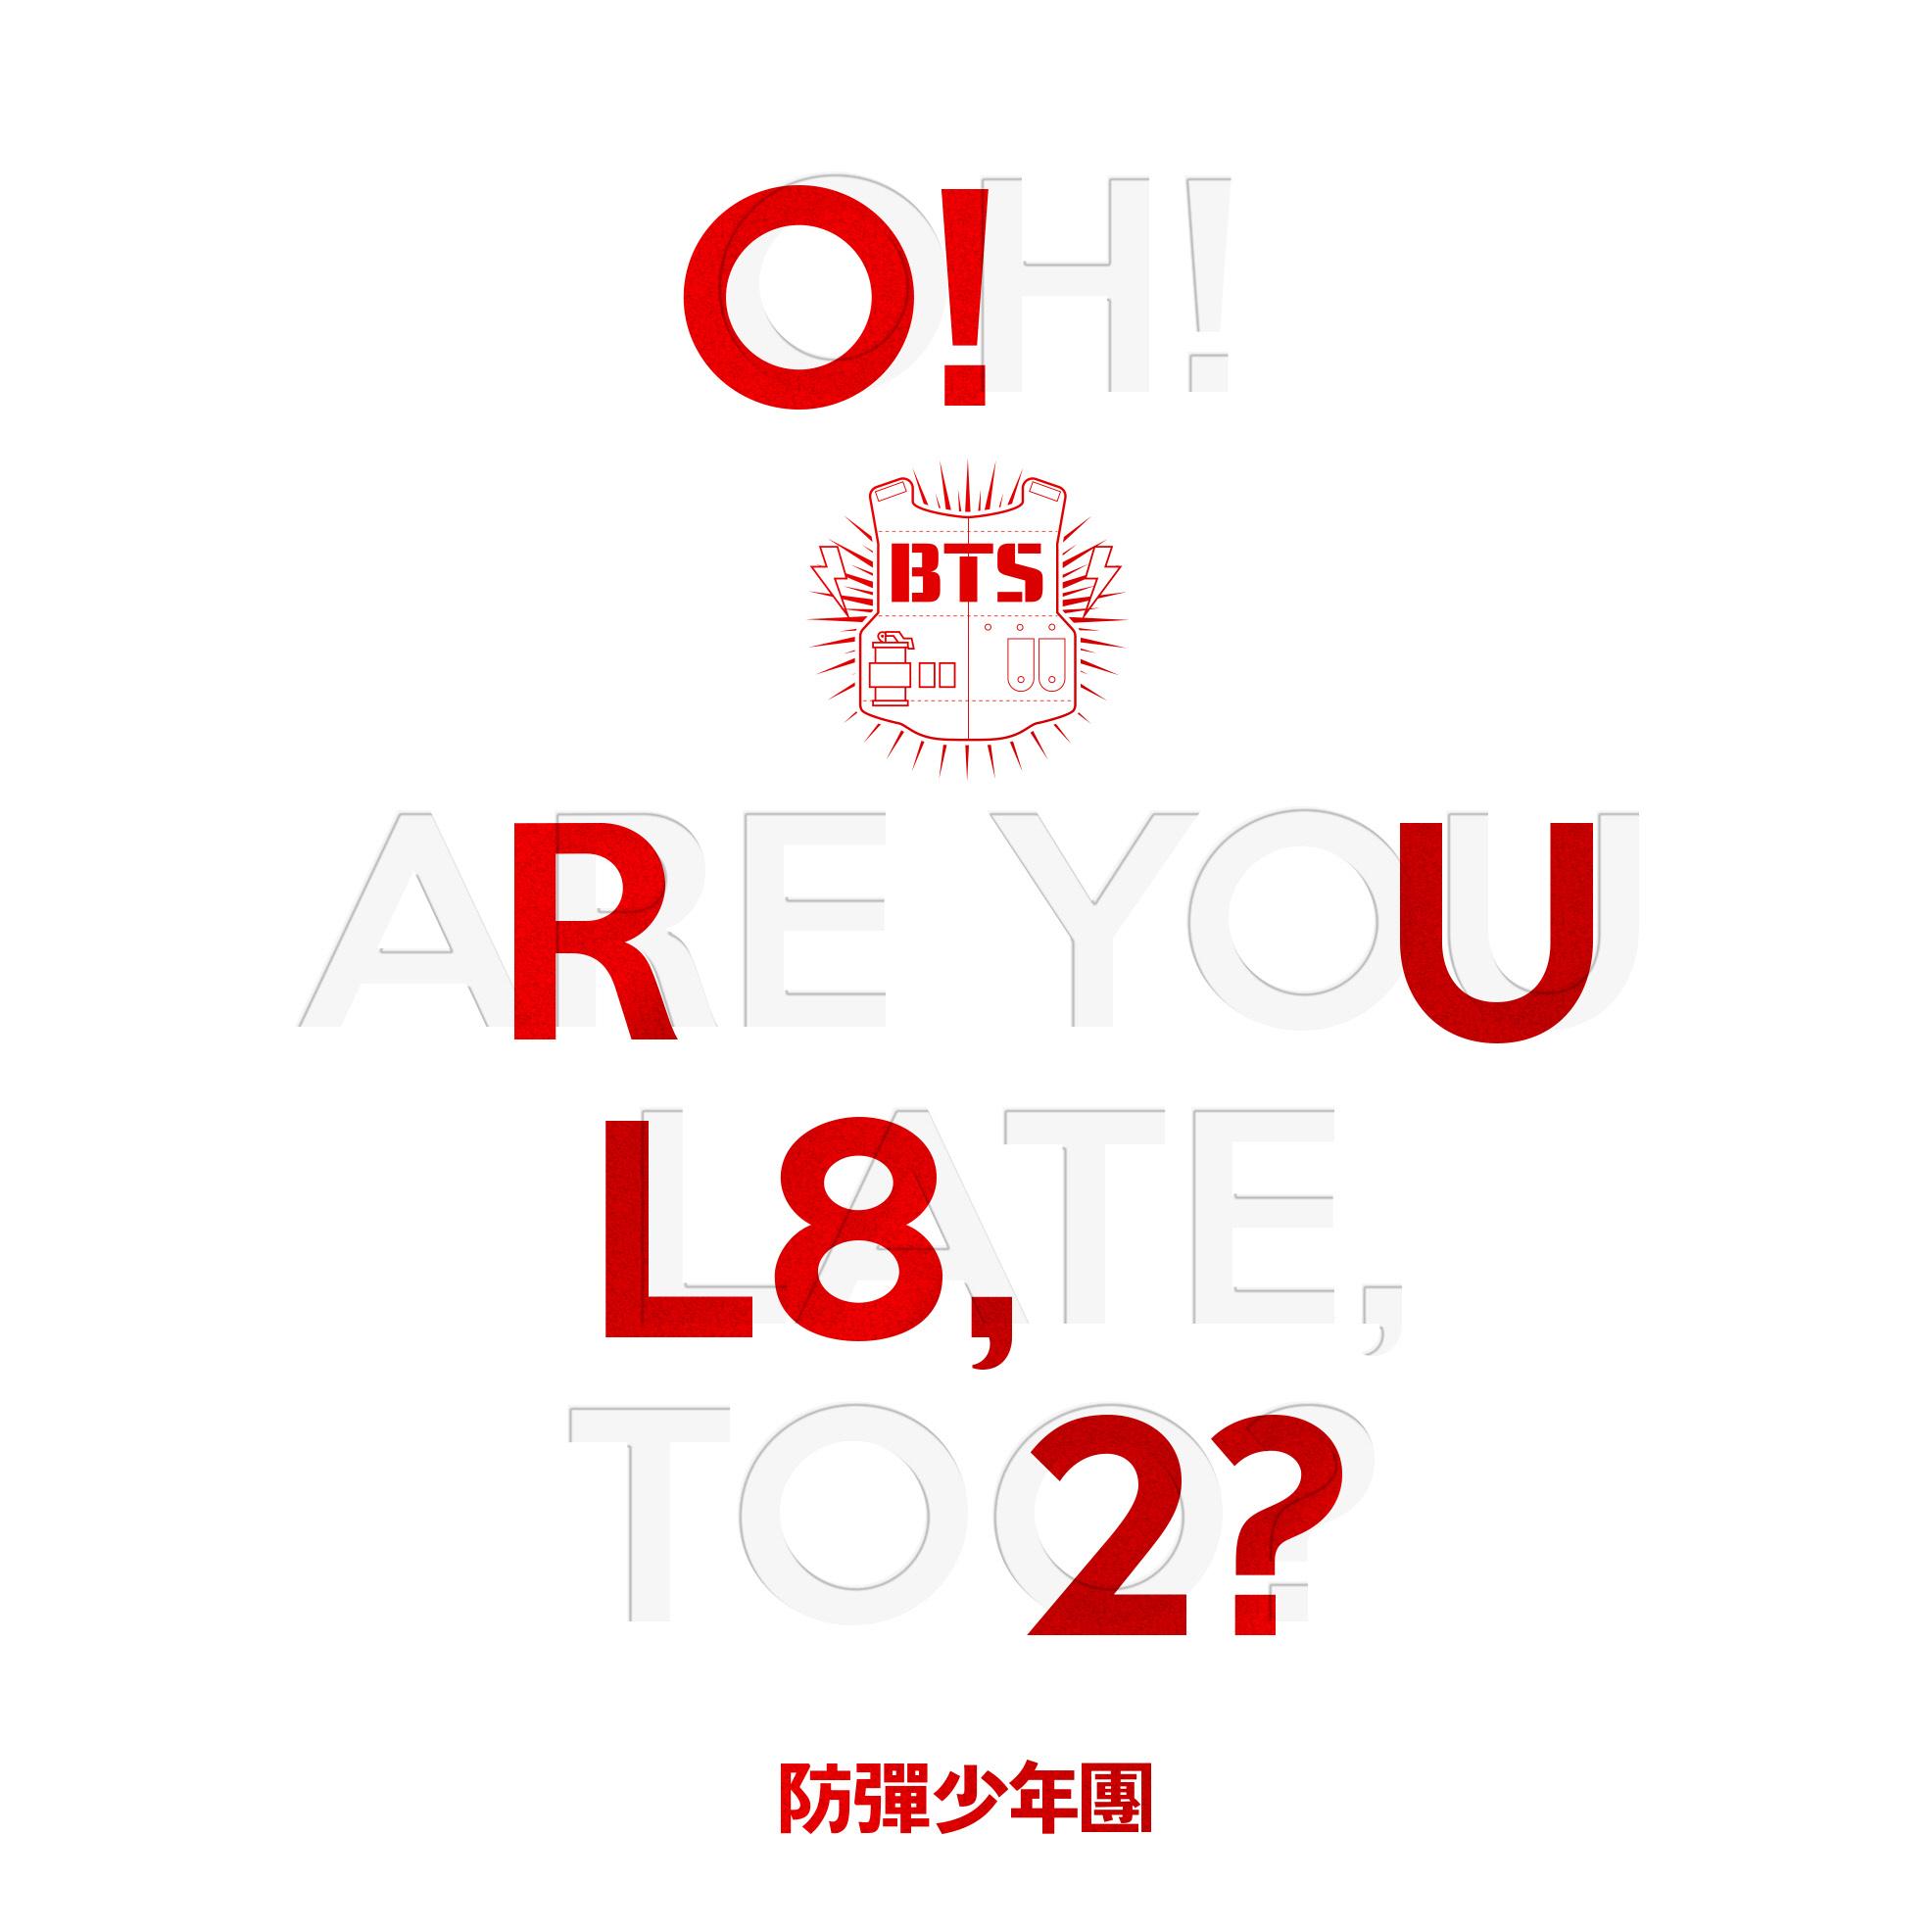 BTS - O!RUL8,2? by joonbrina on DeviantArt